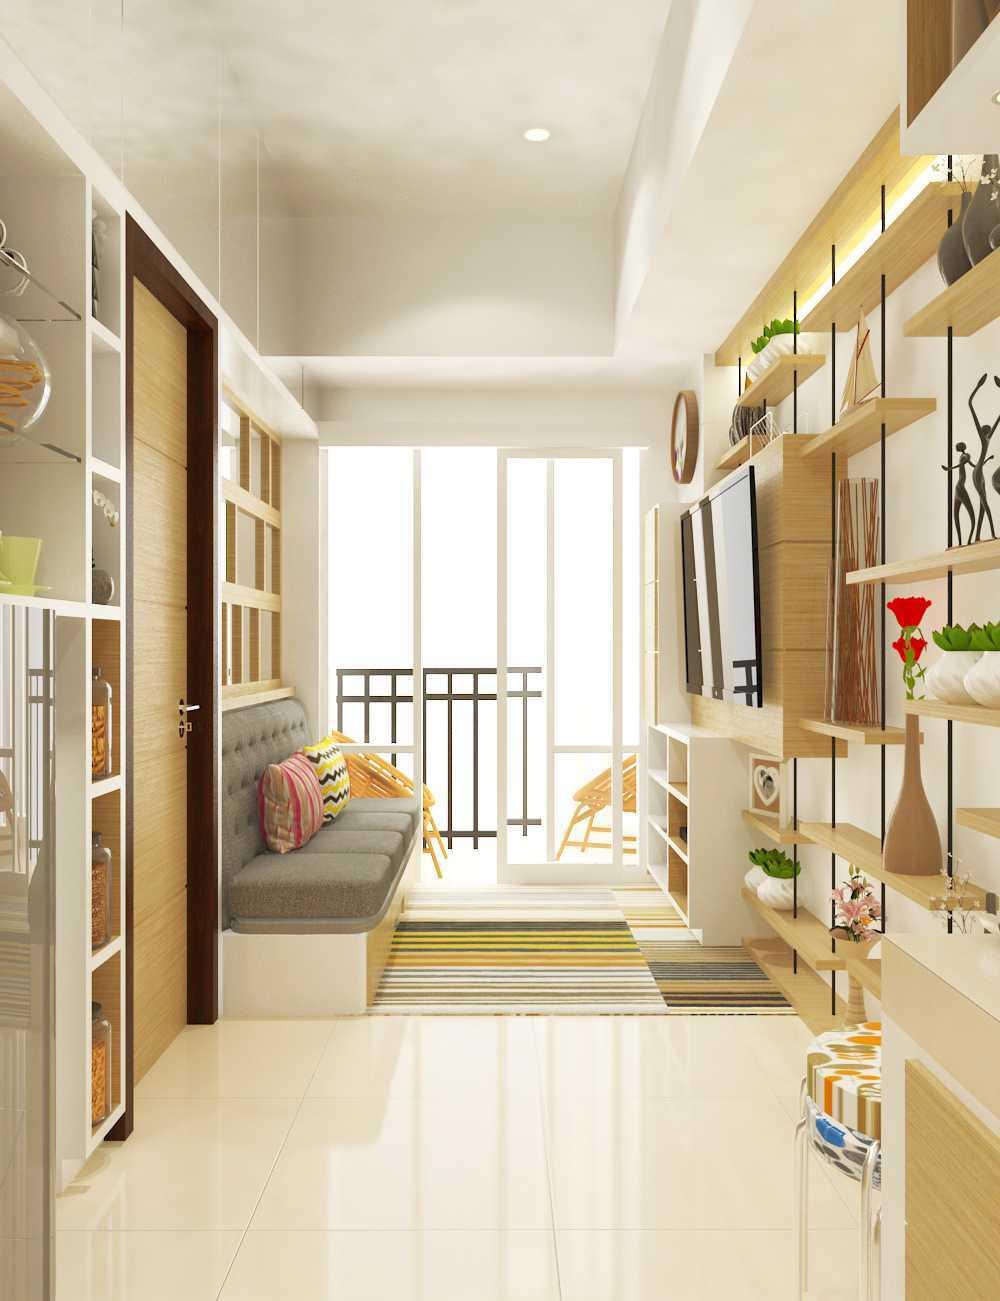 referensi design interior apartemen 2br design interior apartemen Desain Ruang Keluarga Apartemen. Inspirasi Desain Interior ...